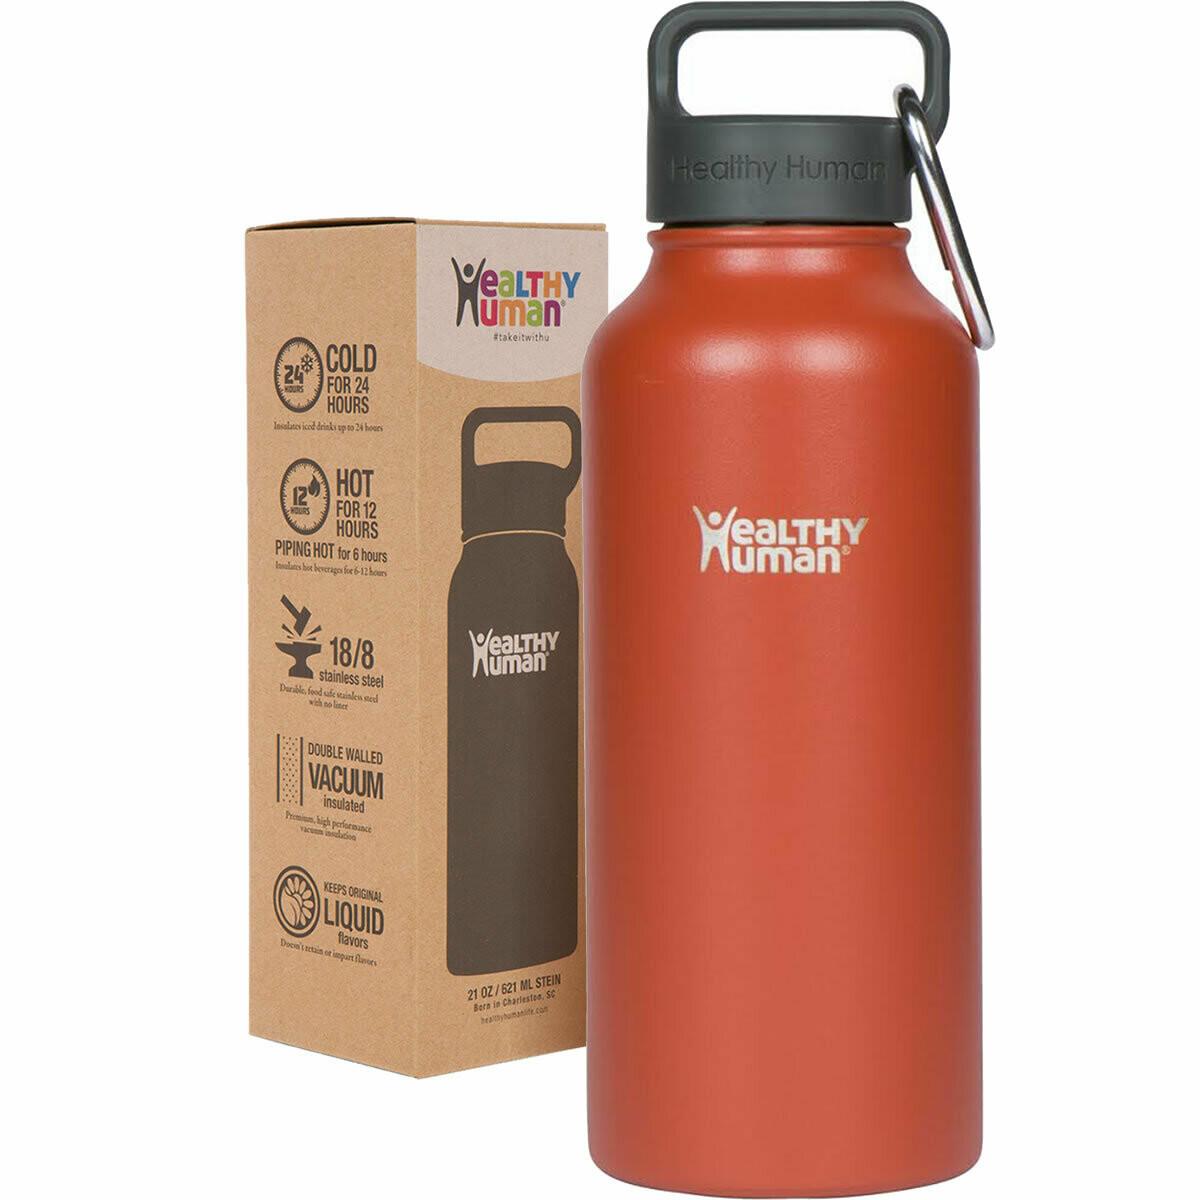 Healthy Human- Stein Bottle Red Hot 950ml